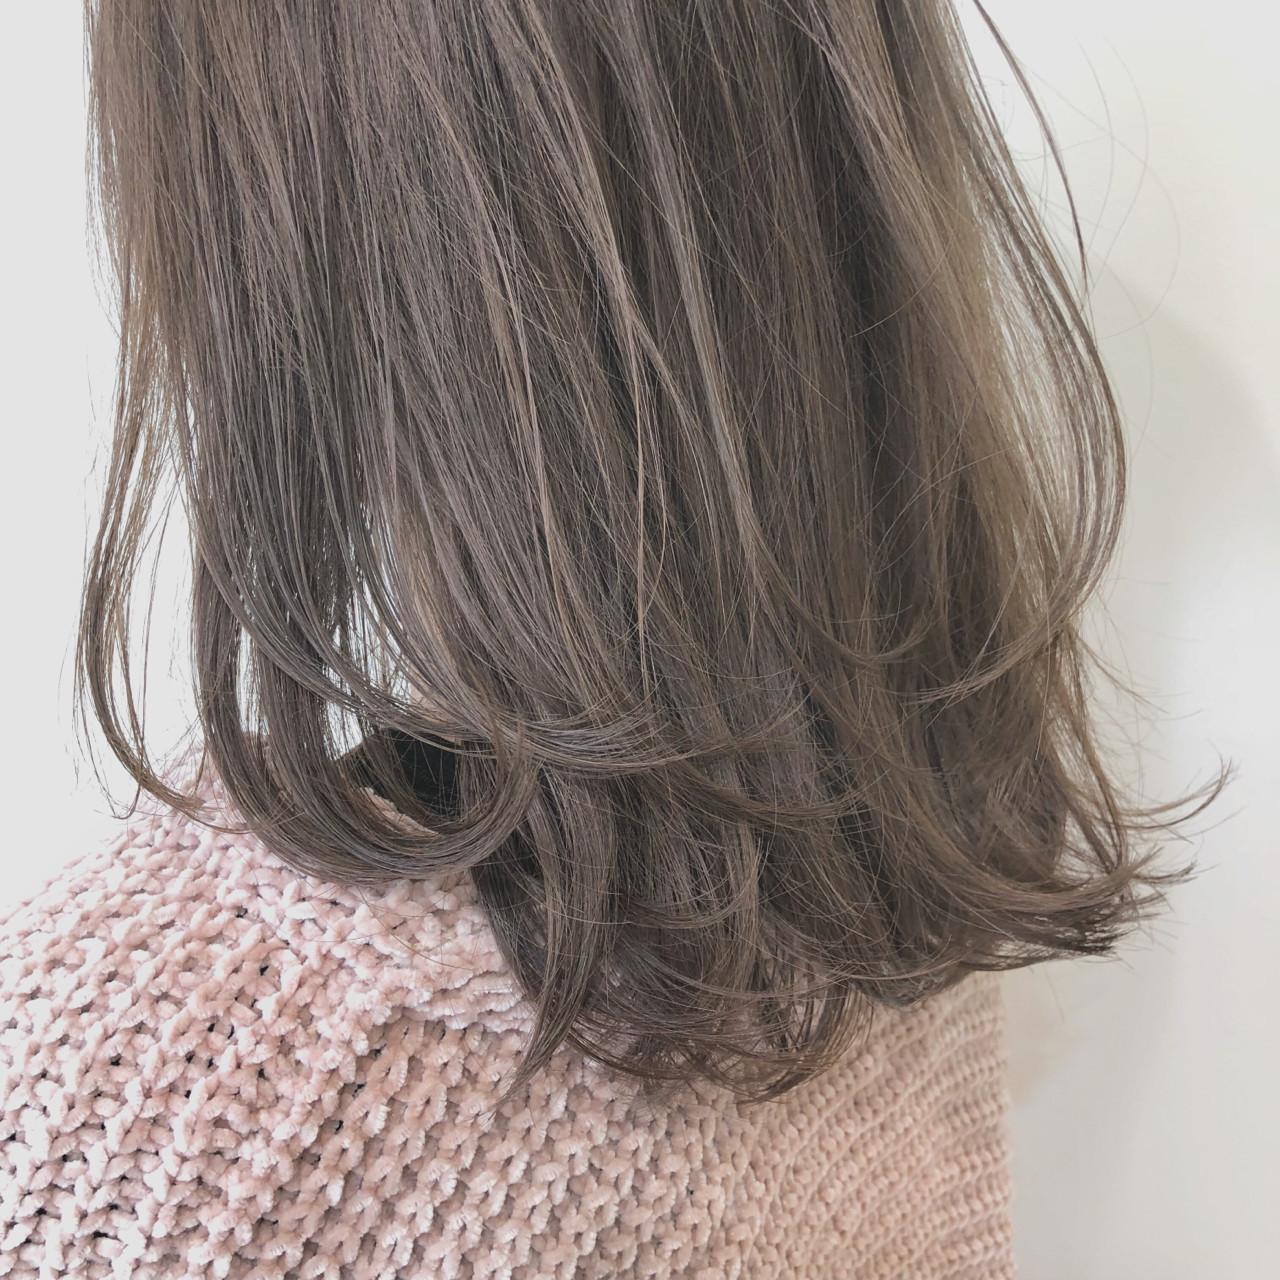 デート スポーツ オフィス ガーリー ヘアスタイルや髪型の写真・画像